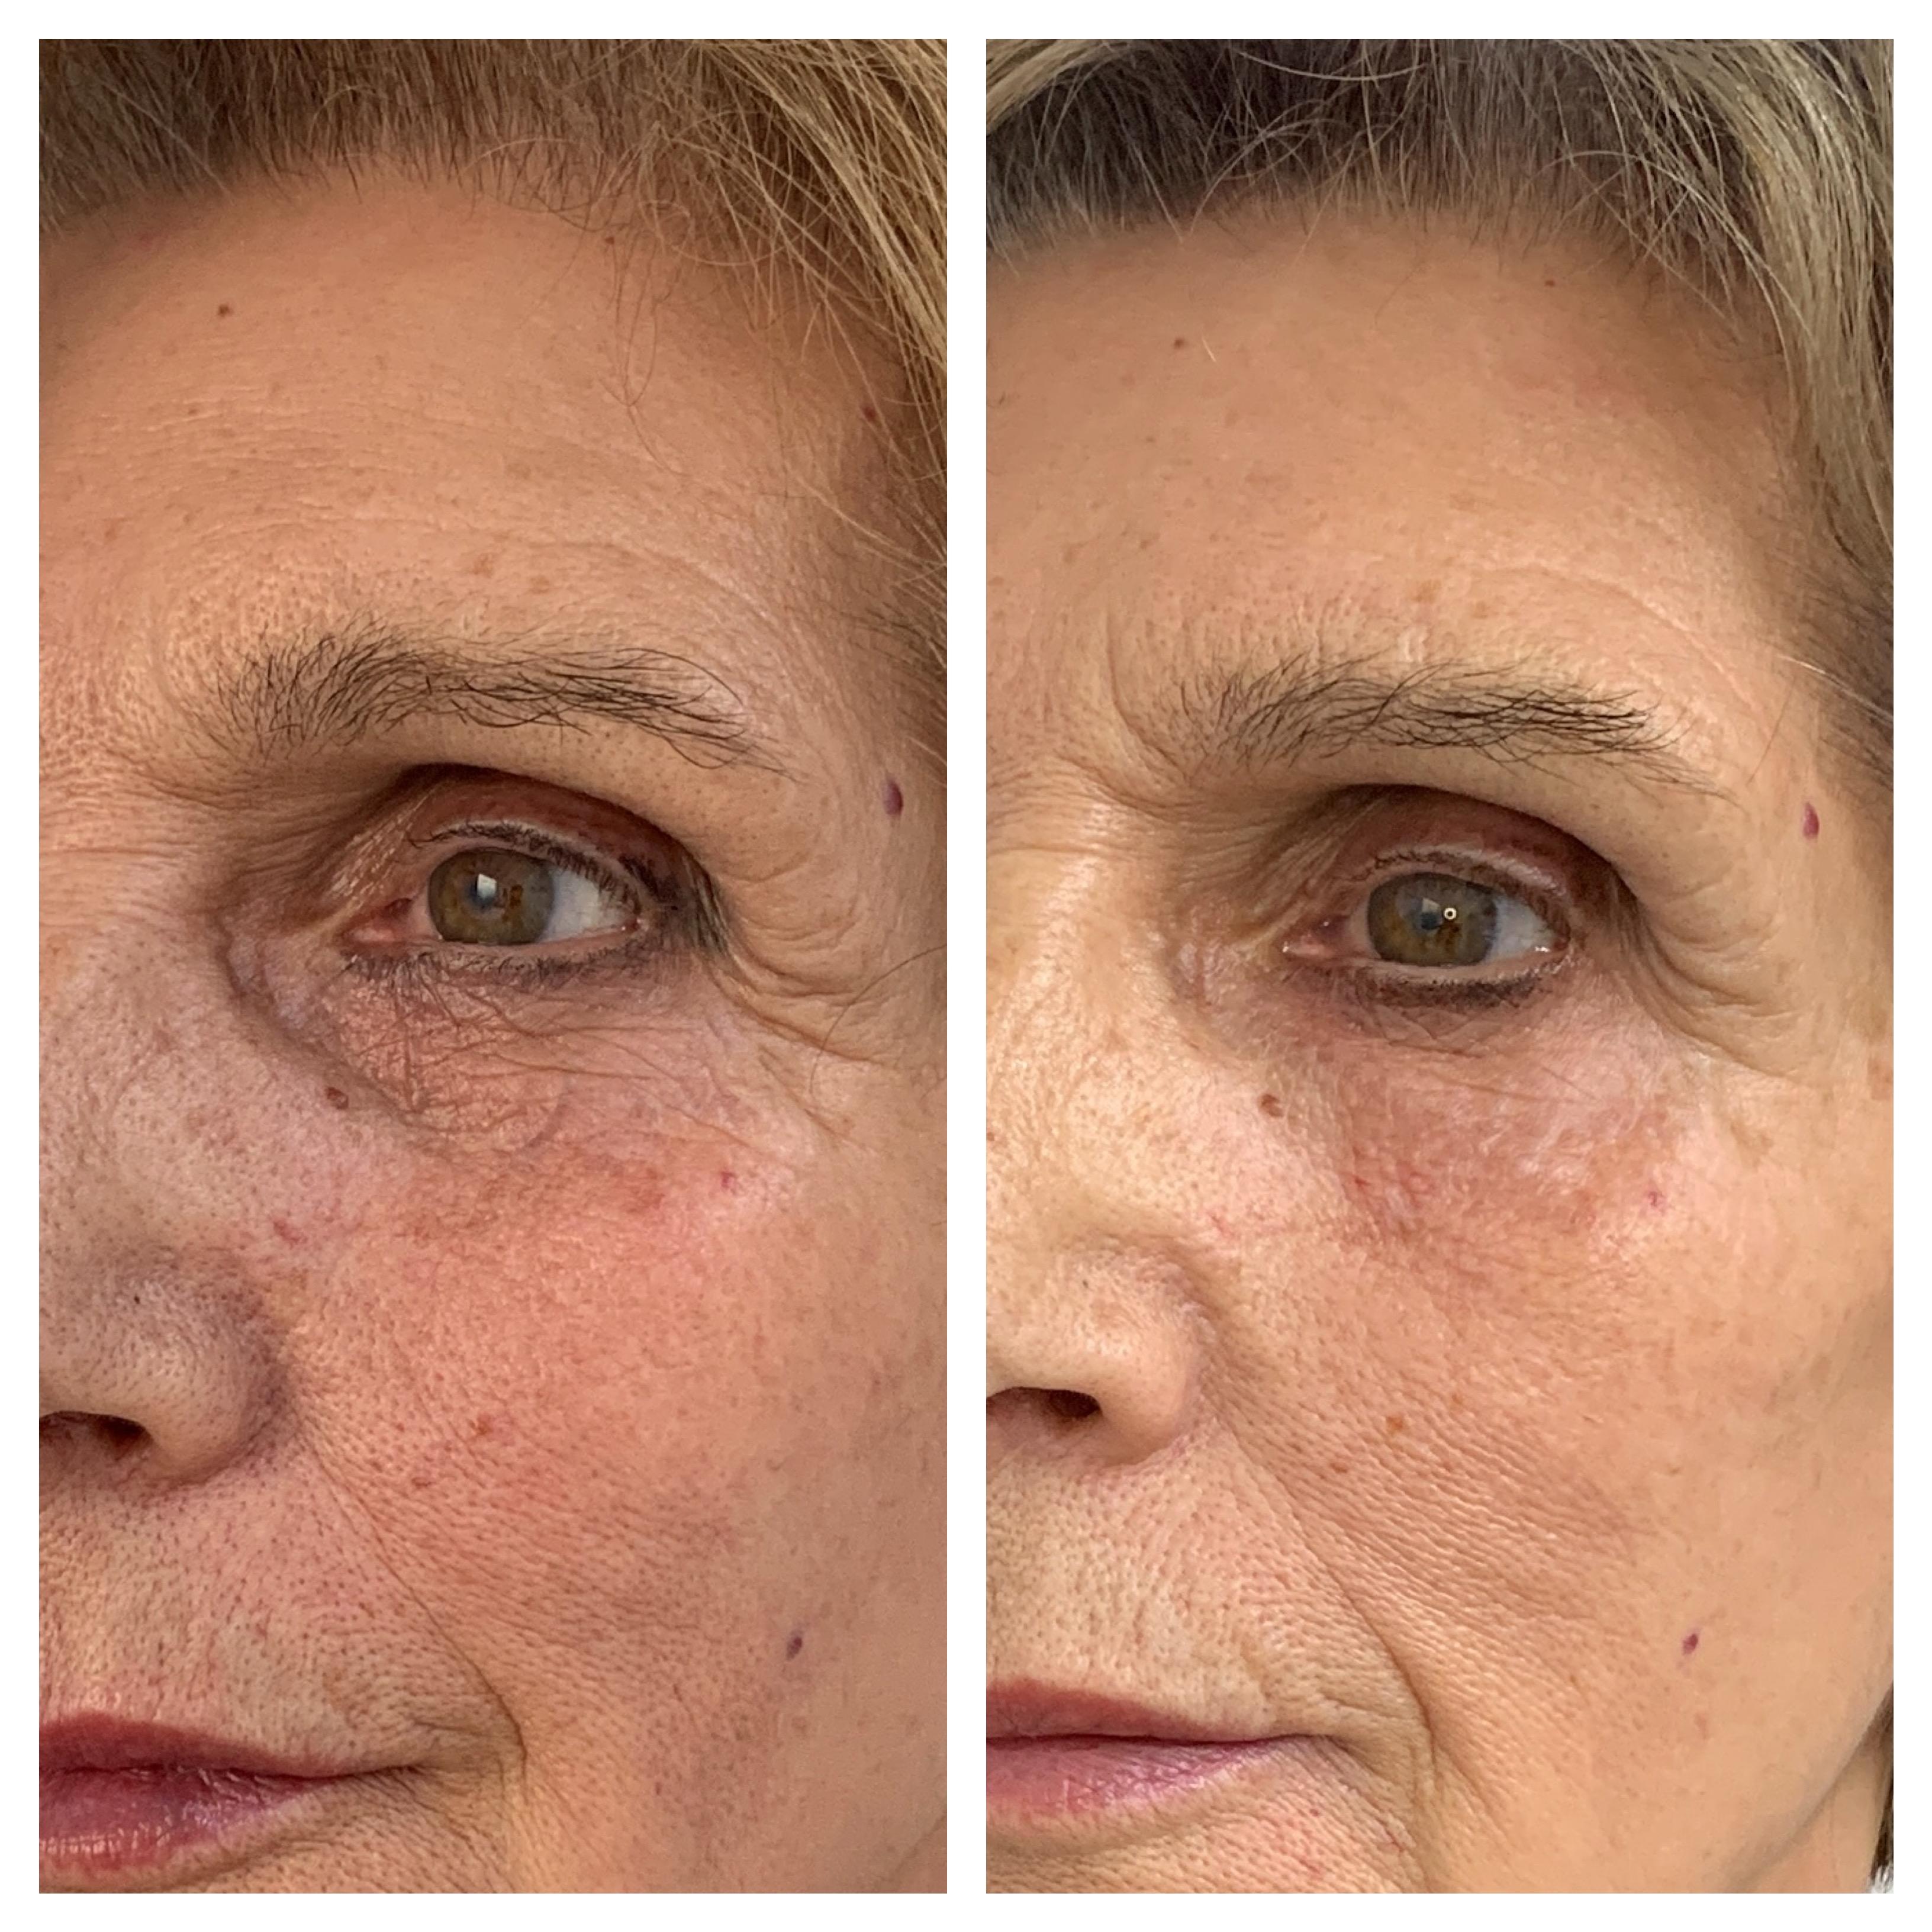 Tratamiento de ojeras con ácido hialurónico. Clínica Dra Fernanda Muñoz.